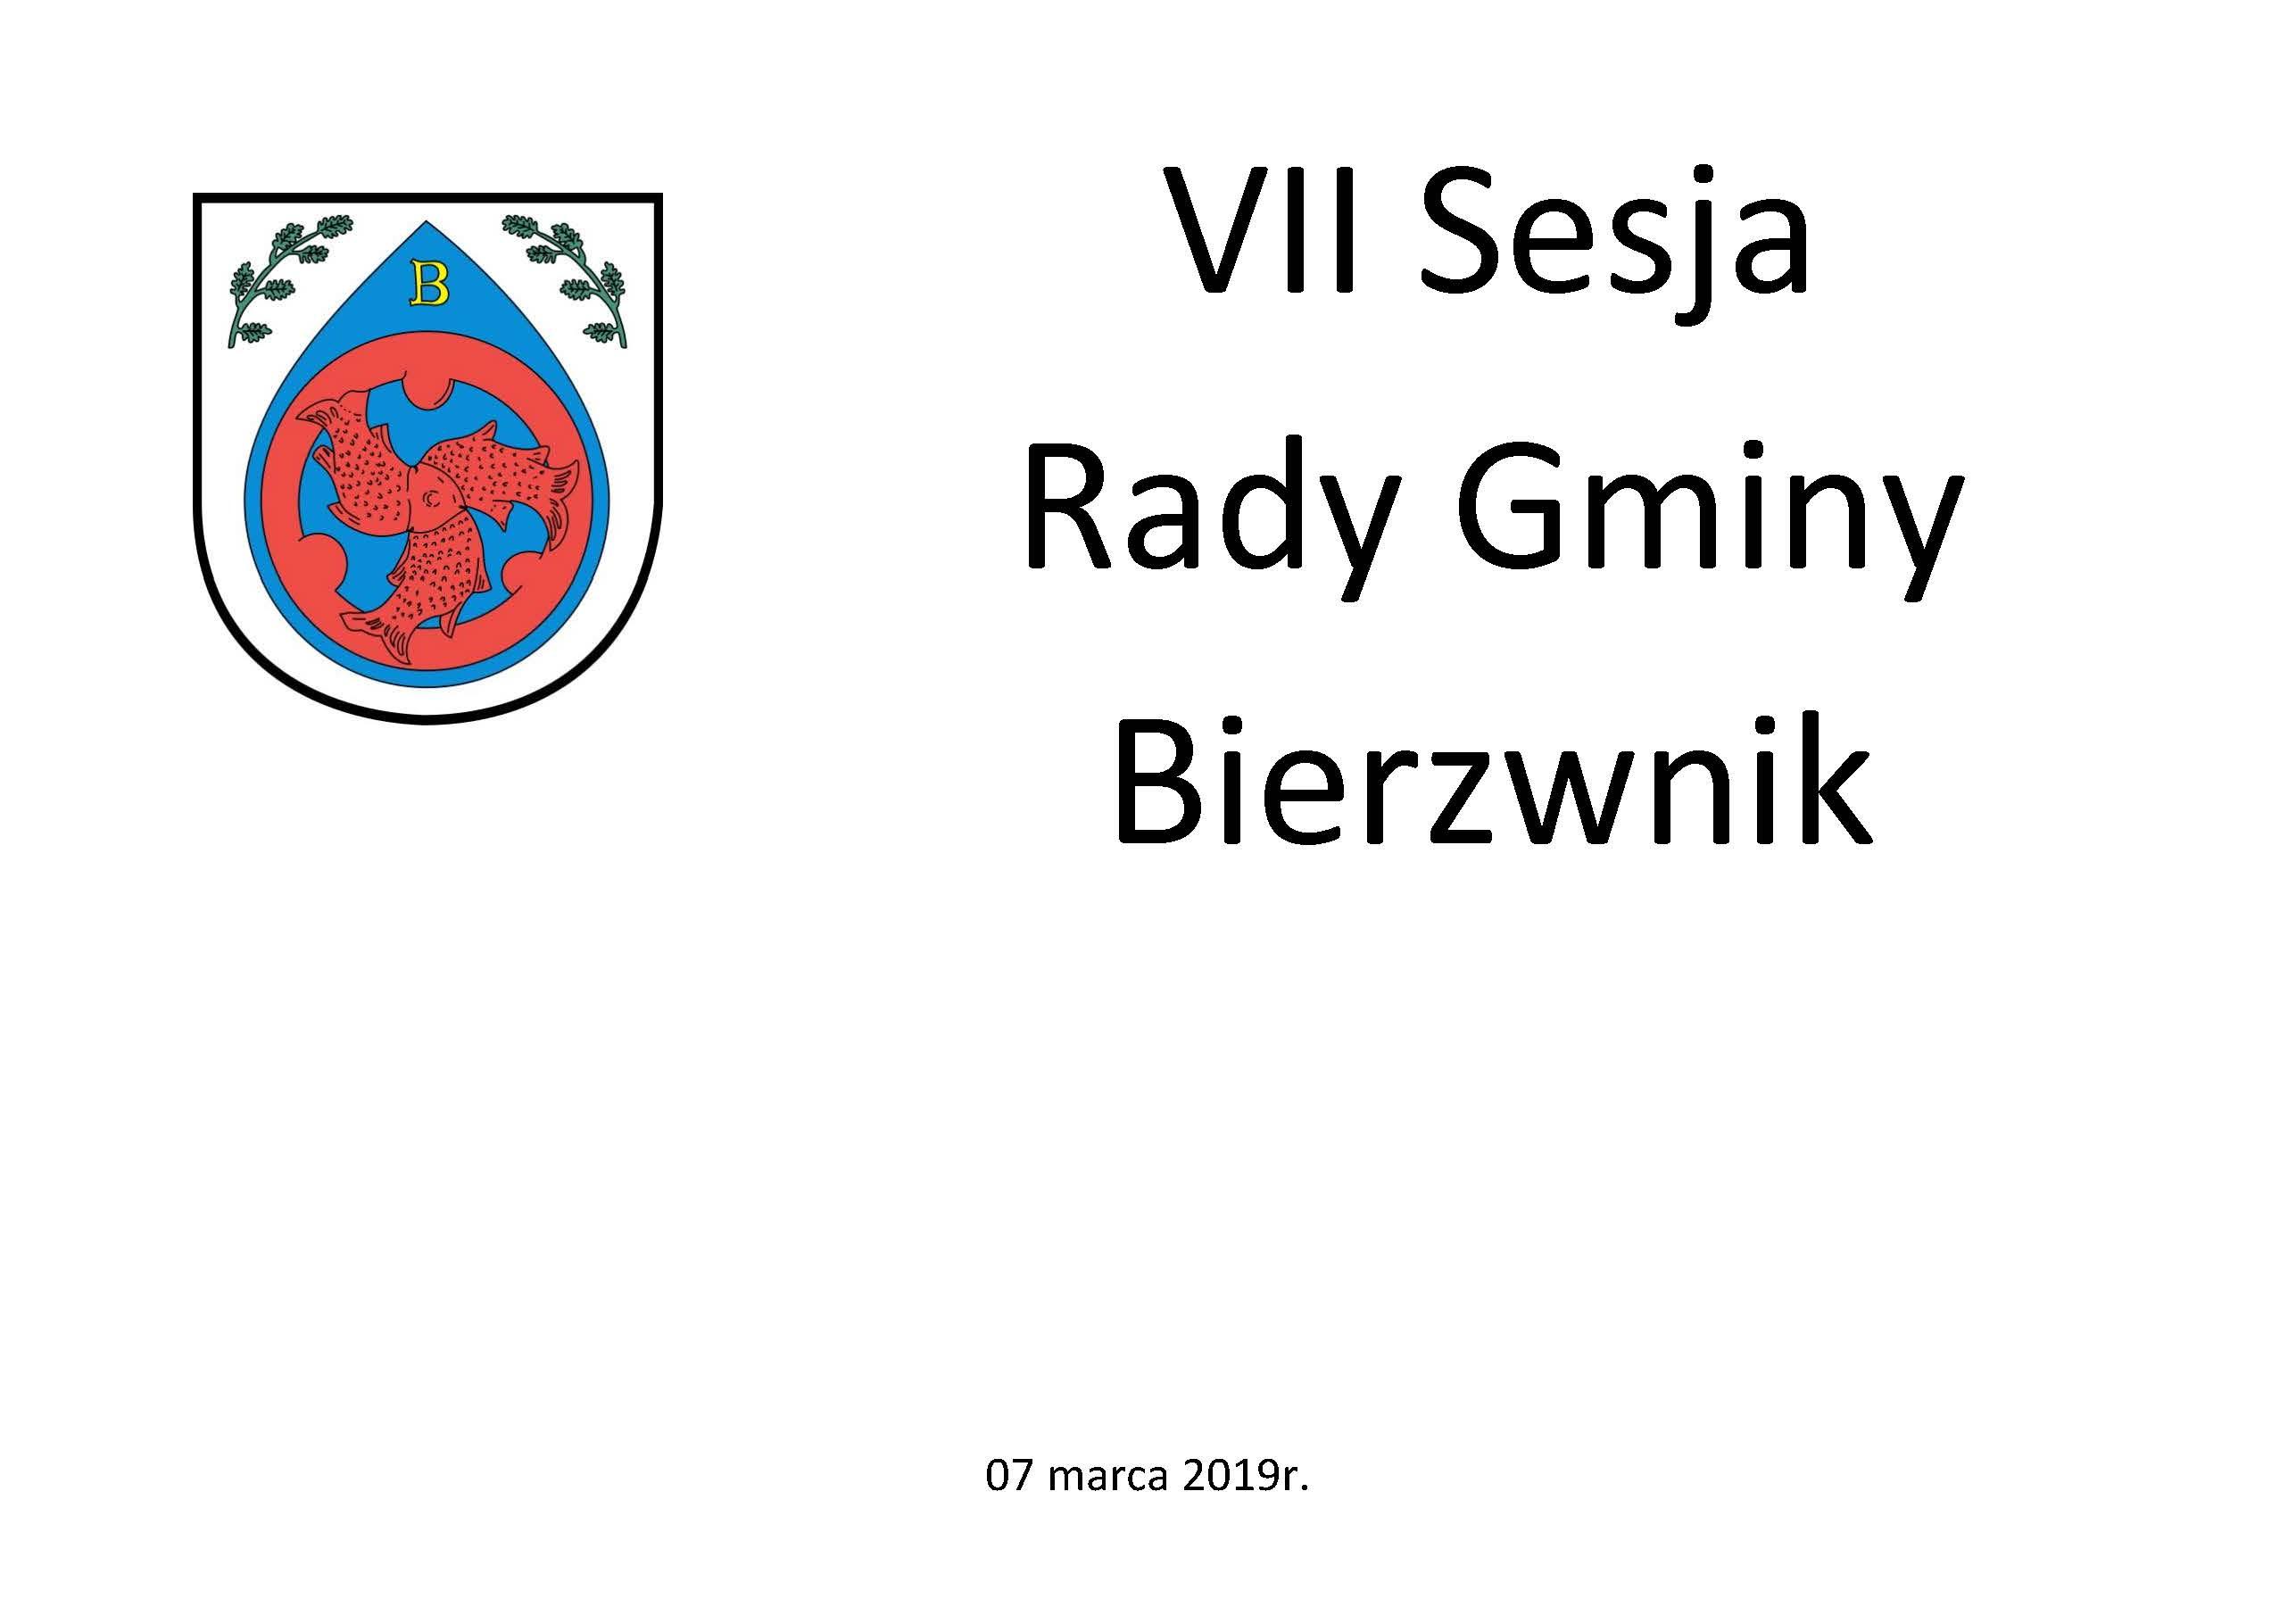 bierzwnik/VIIsesja_graficzny.jpg